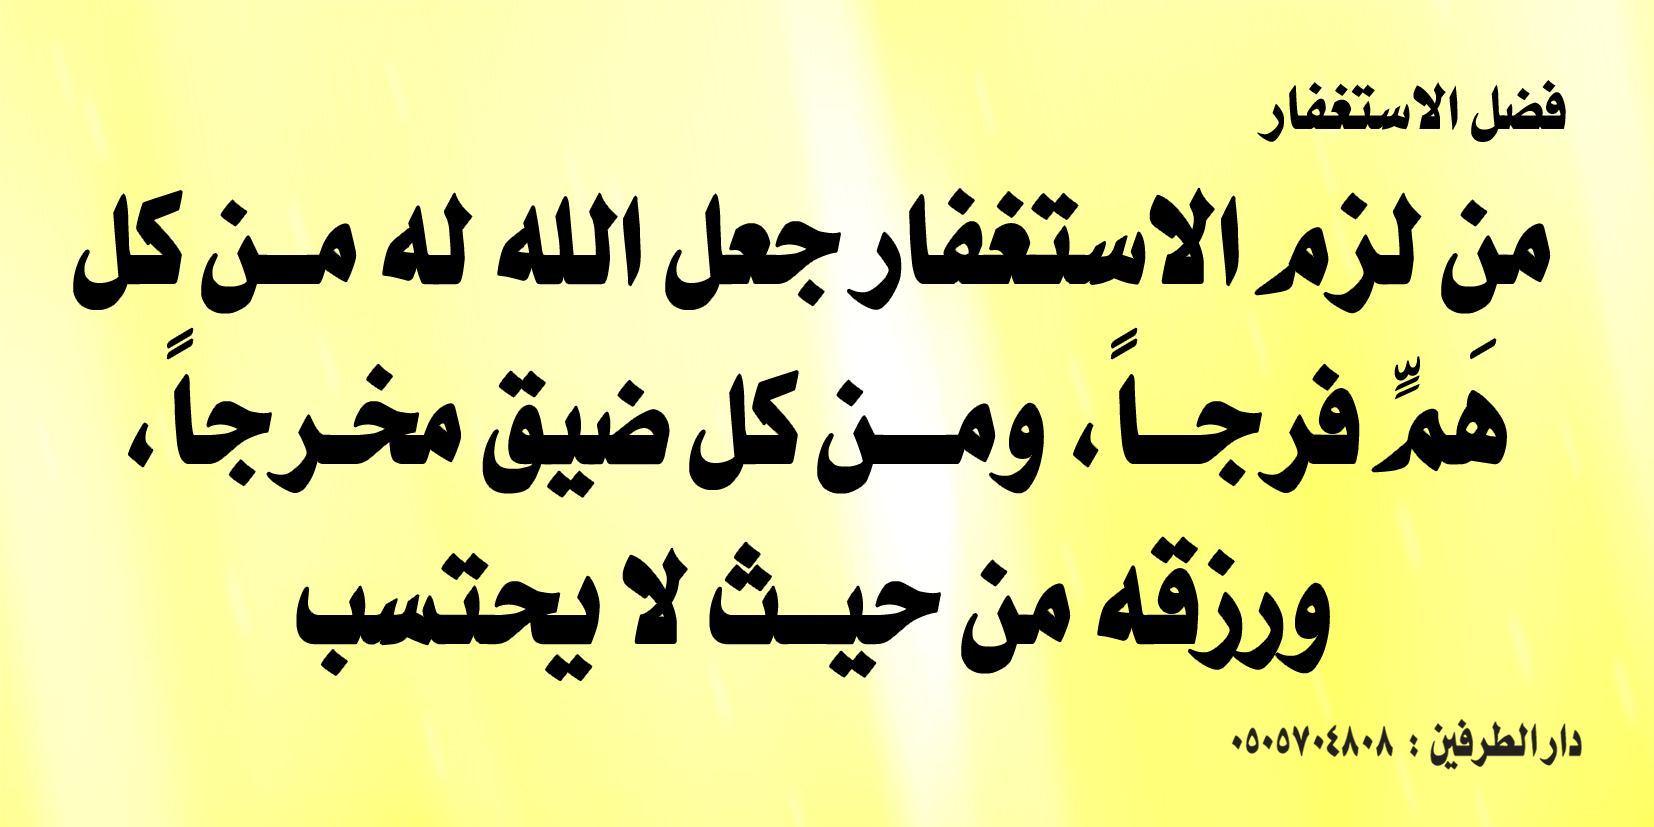 صور رمزيات وخلفيات اسلامية ودينية للواتس اب 2016 (2)